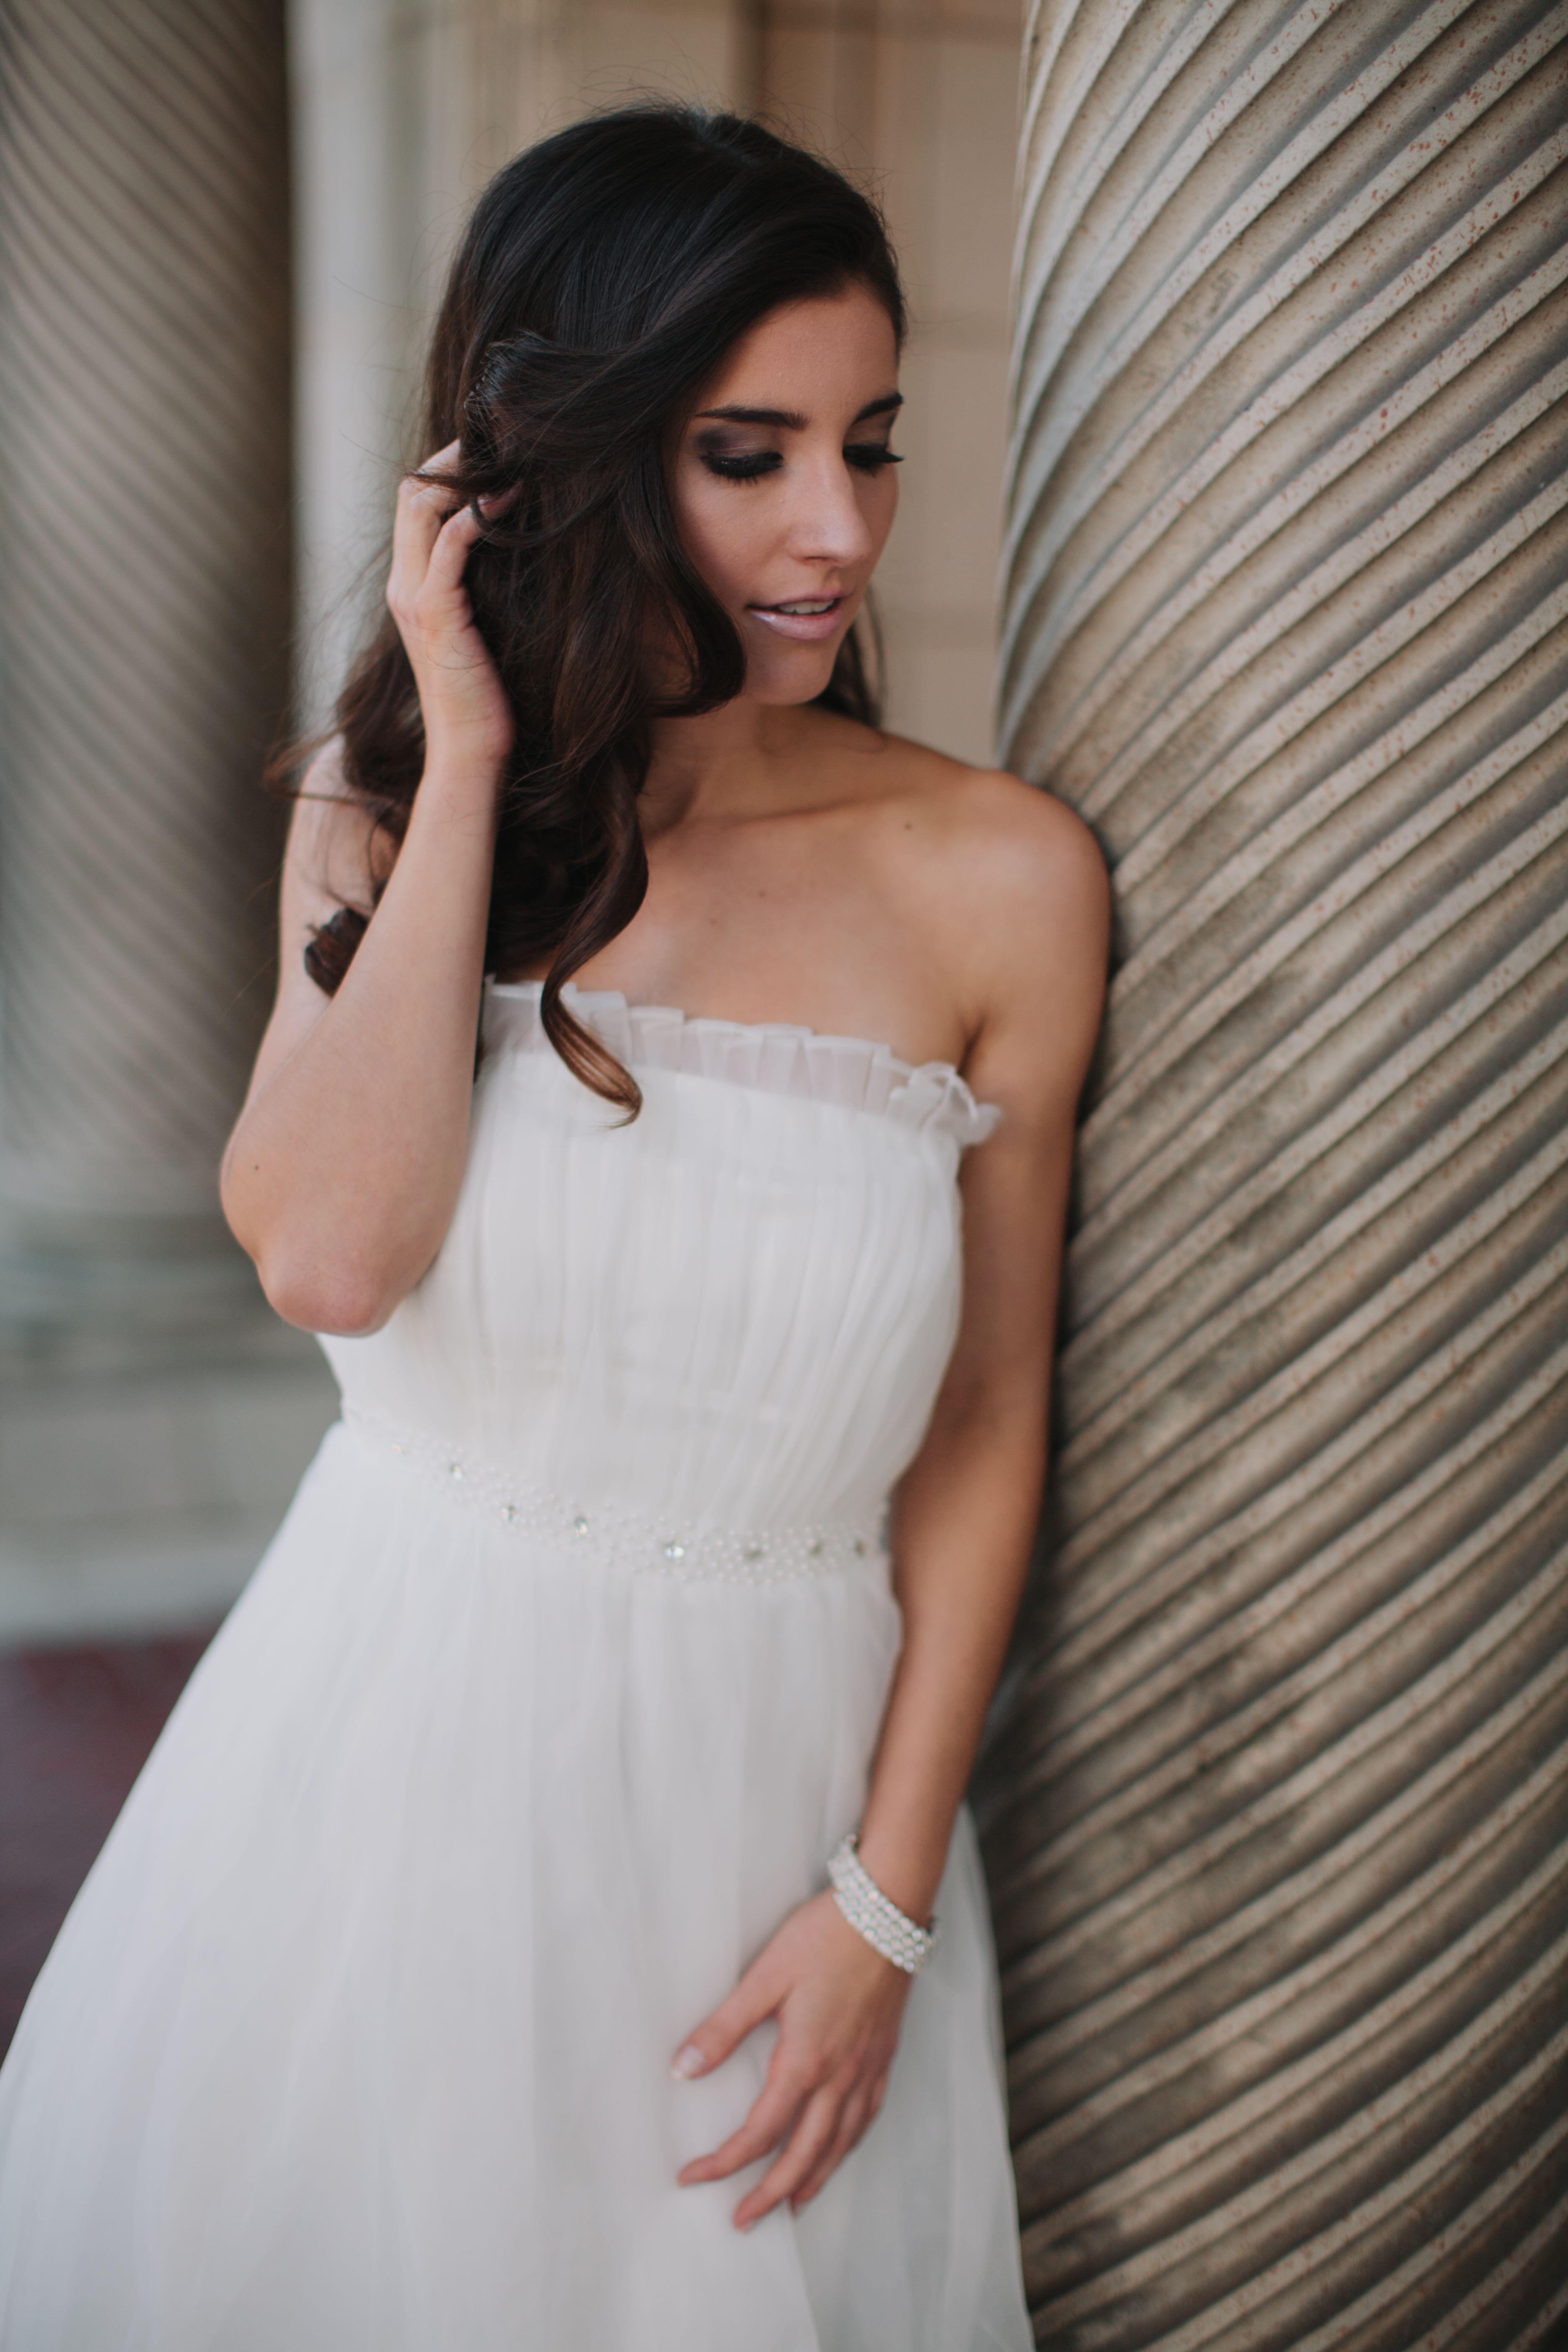 Chicago wedding dresses  Chicago Wedding Dress MaCherie Bridal Boutique cheriebride